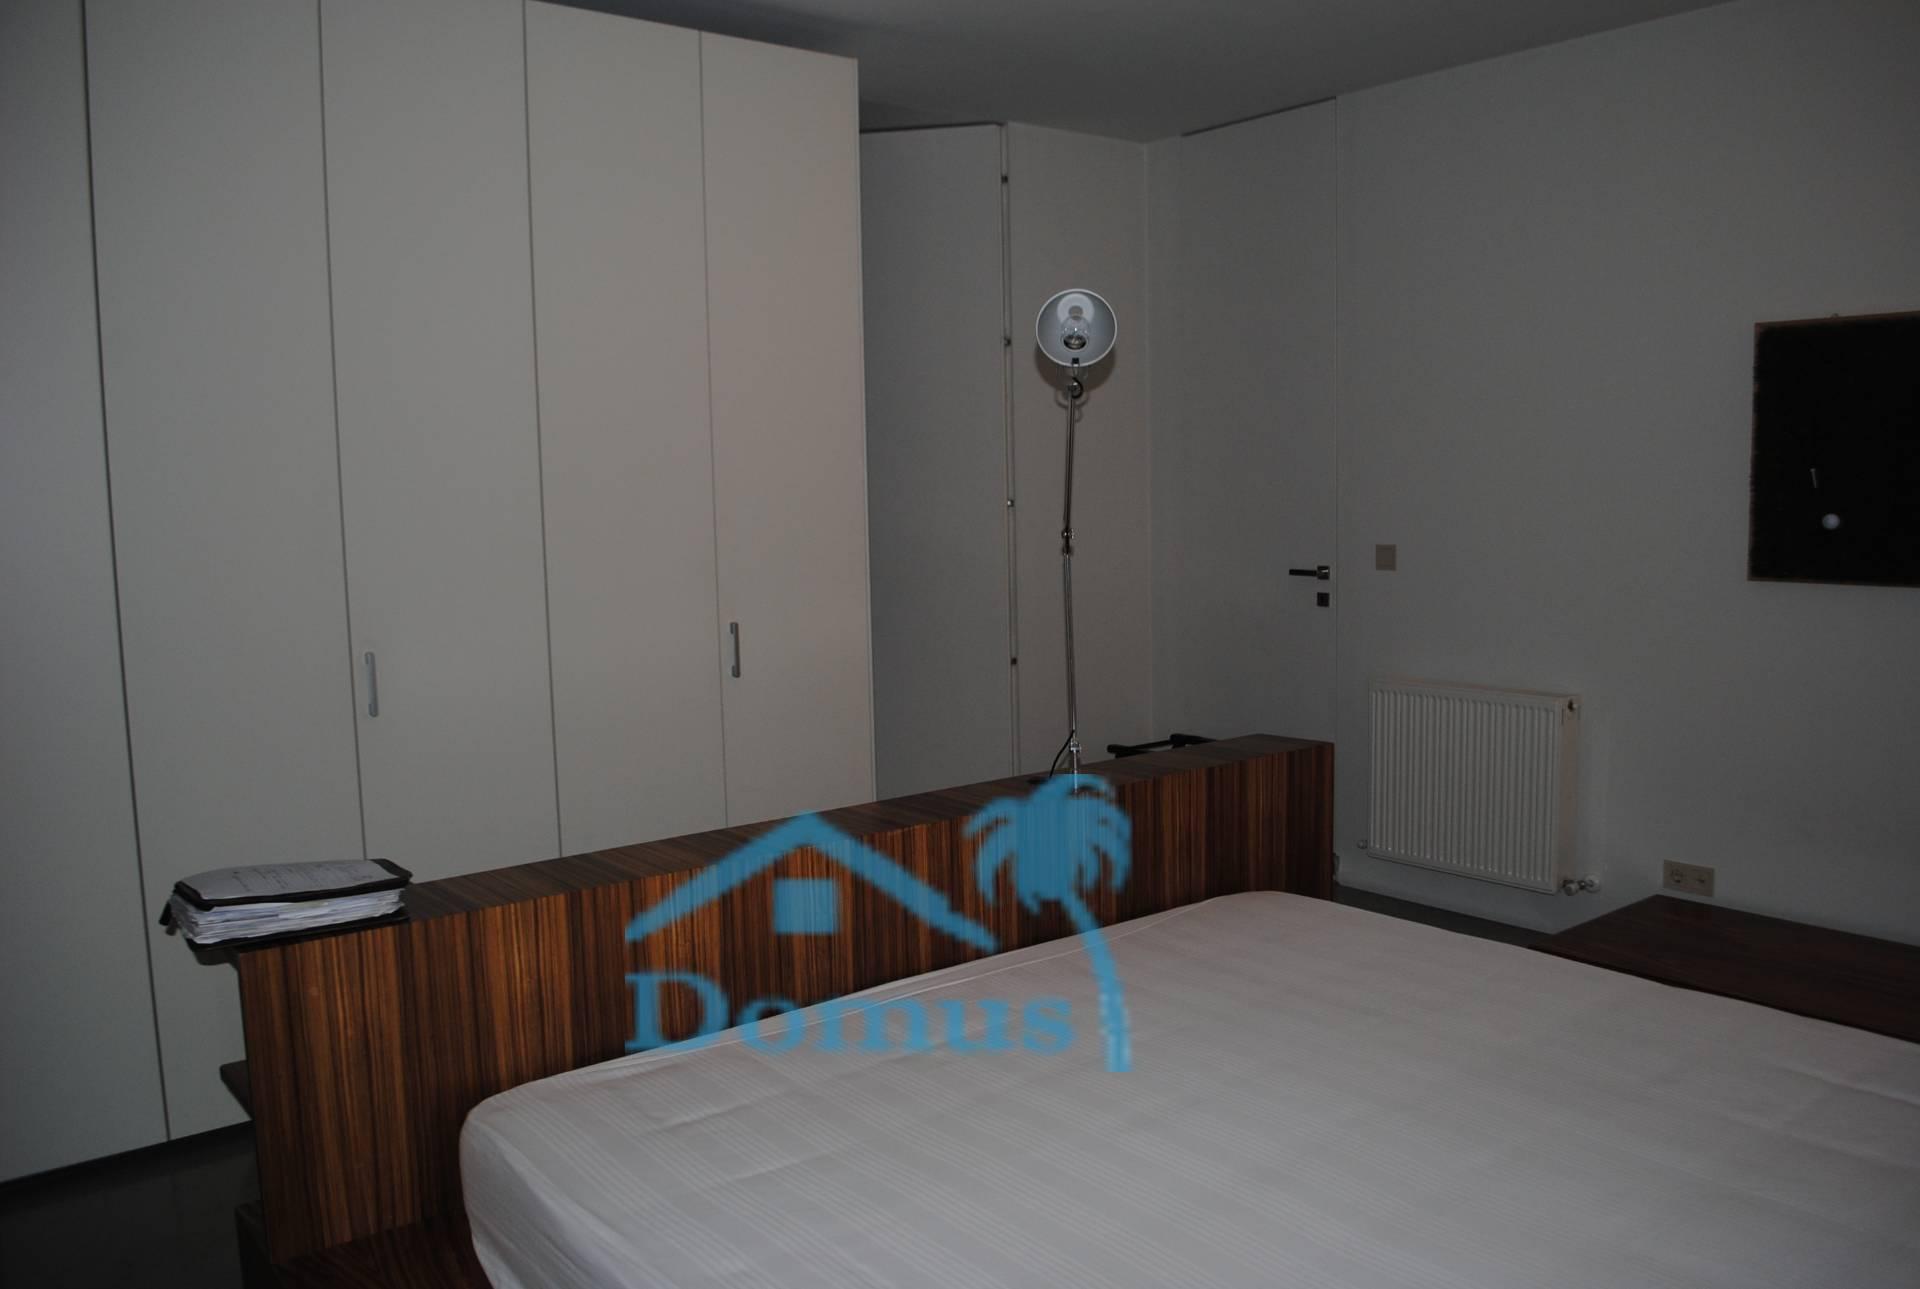 Appartamento in affitto a pinerolo cod 243 for Affitto arredato pinerolo